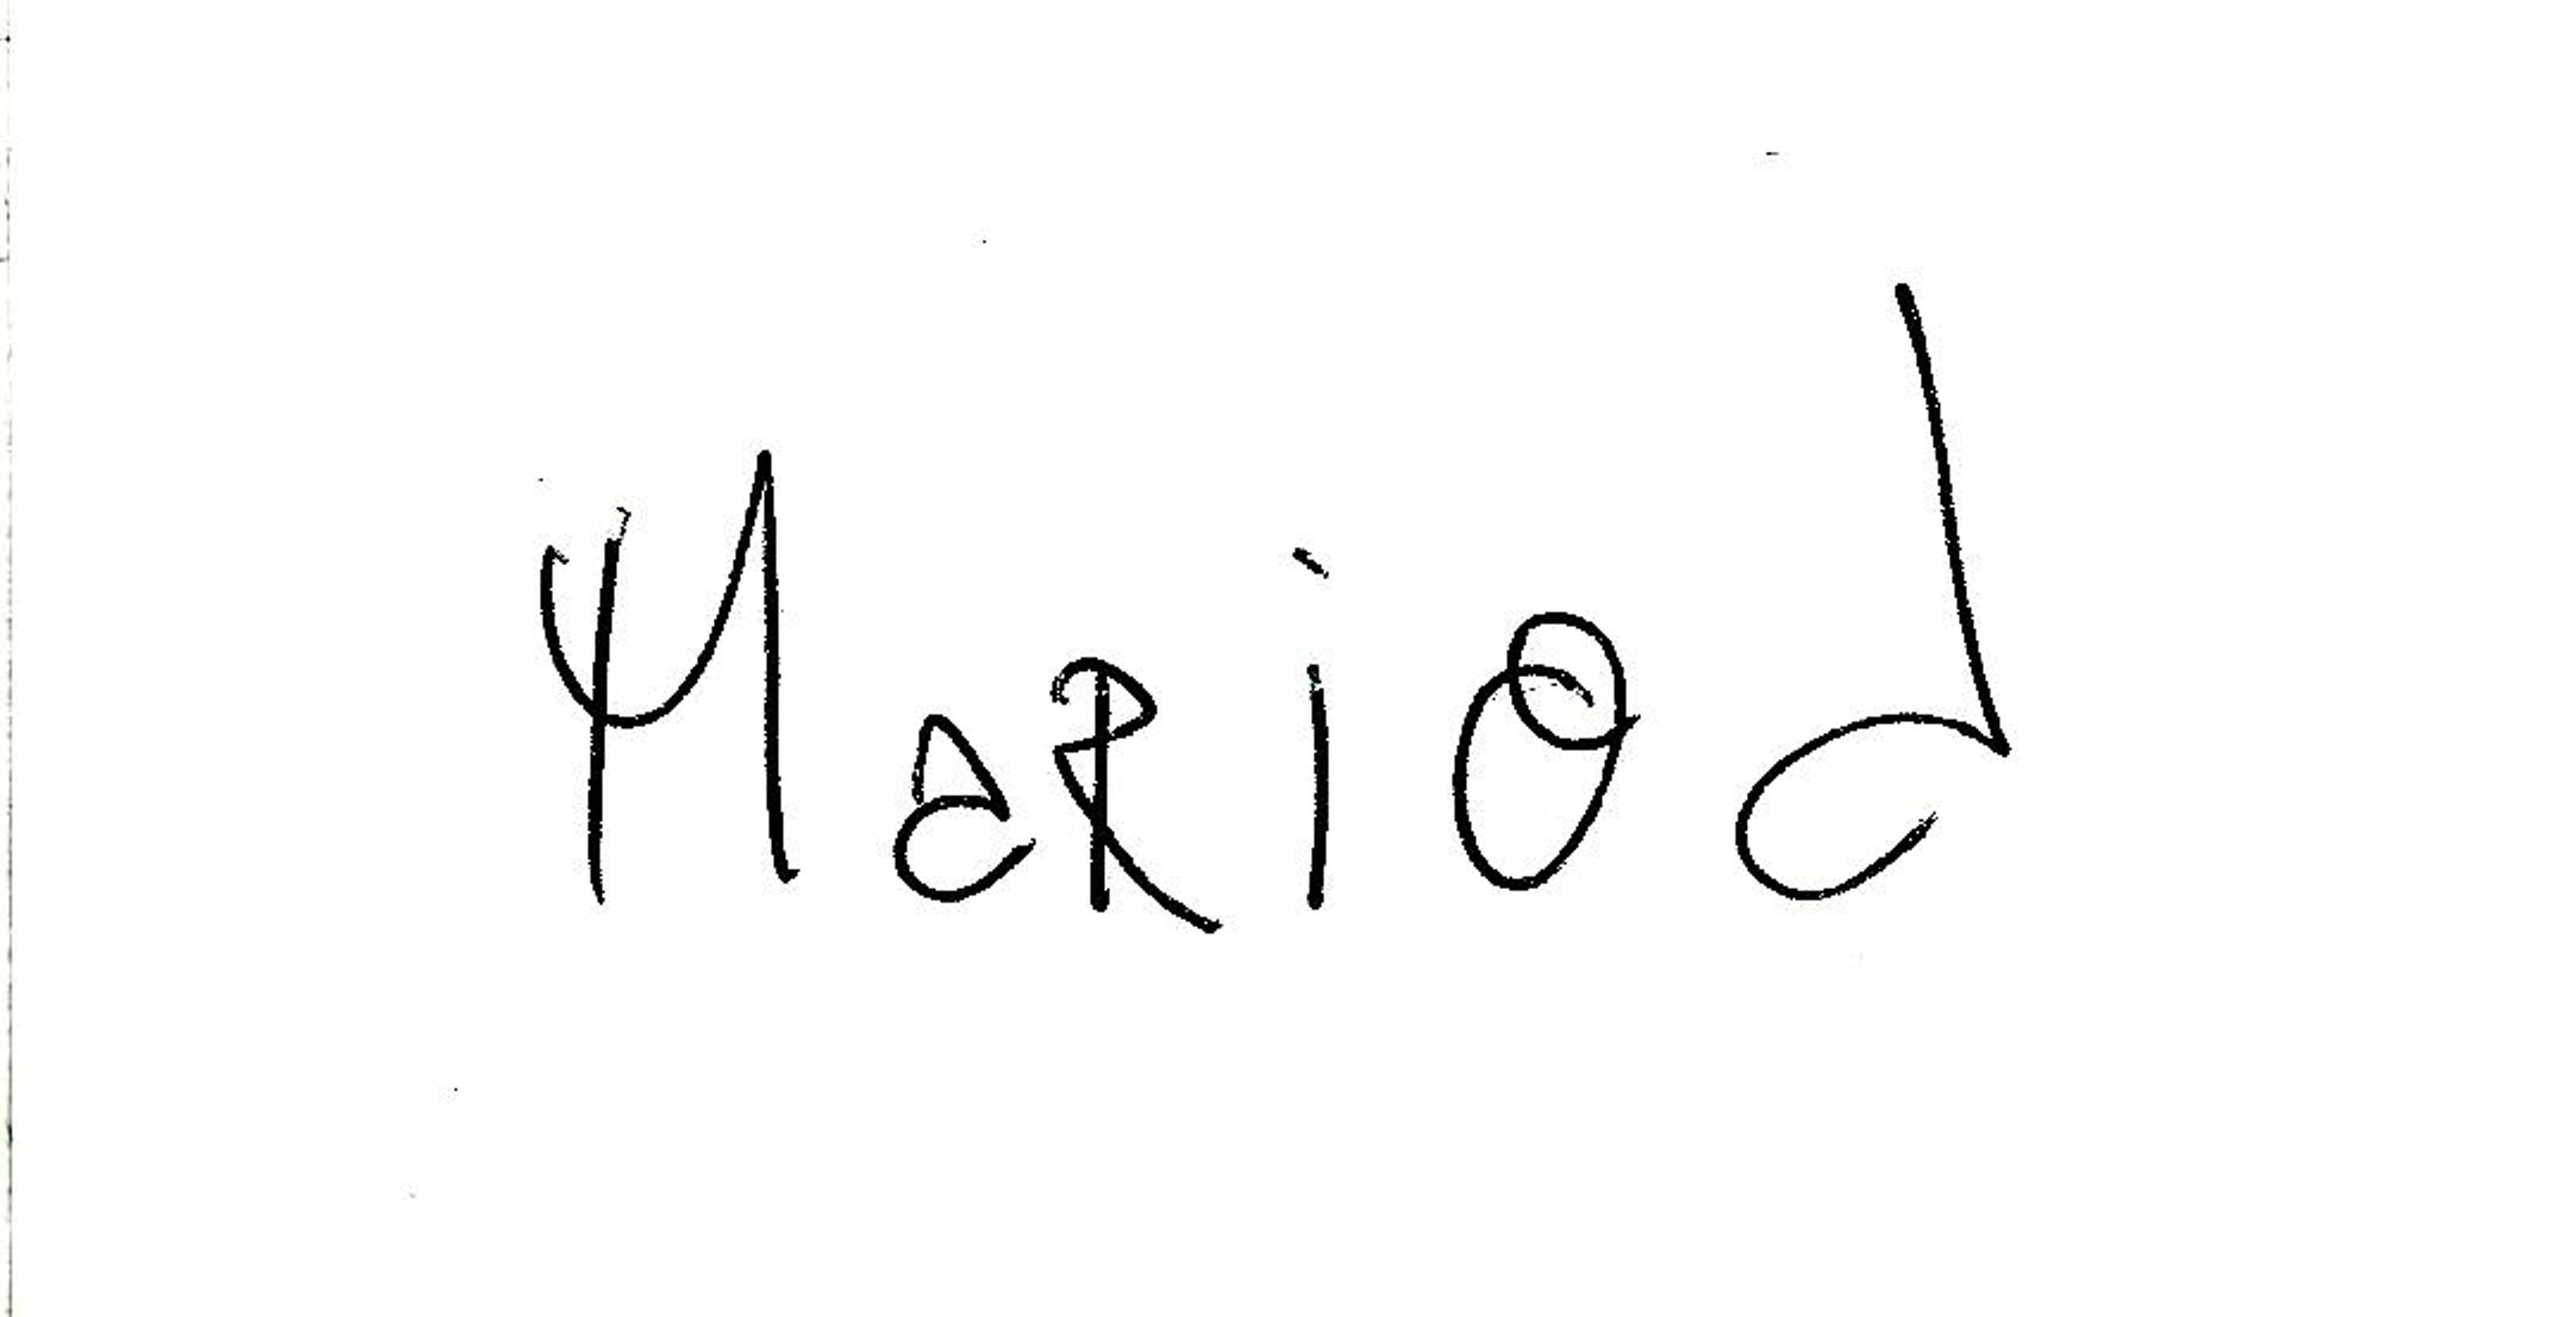 Mario Deschenes's Signature